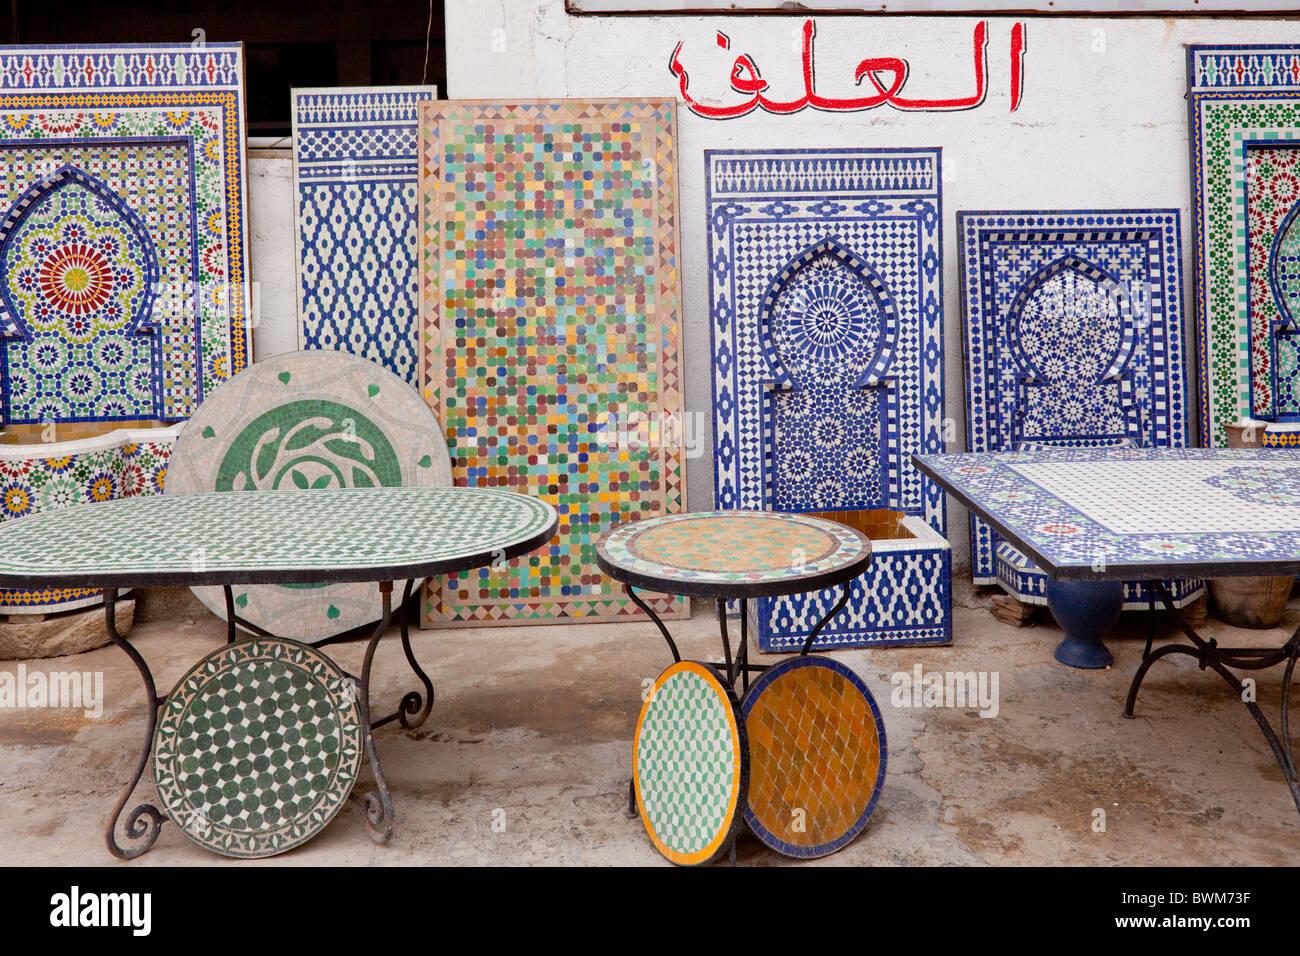 Una ceramica fabbrica per la produzione di piastrelle a mosaico di